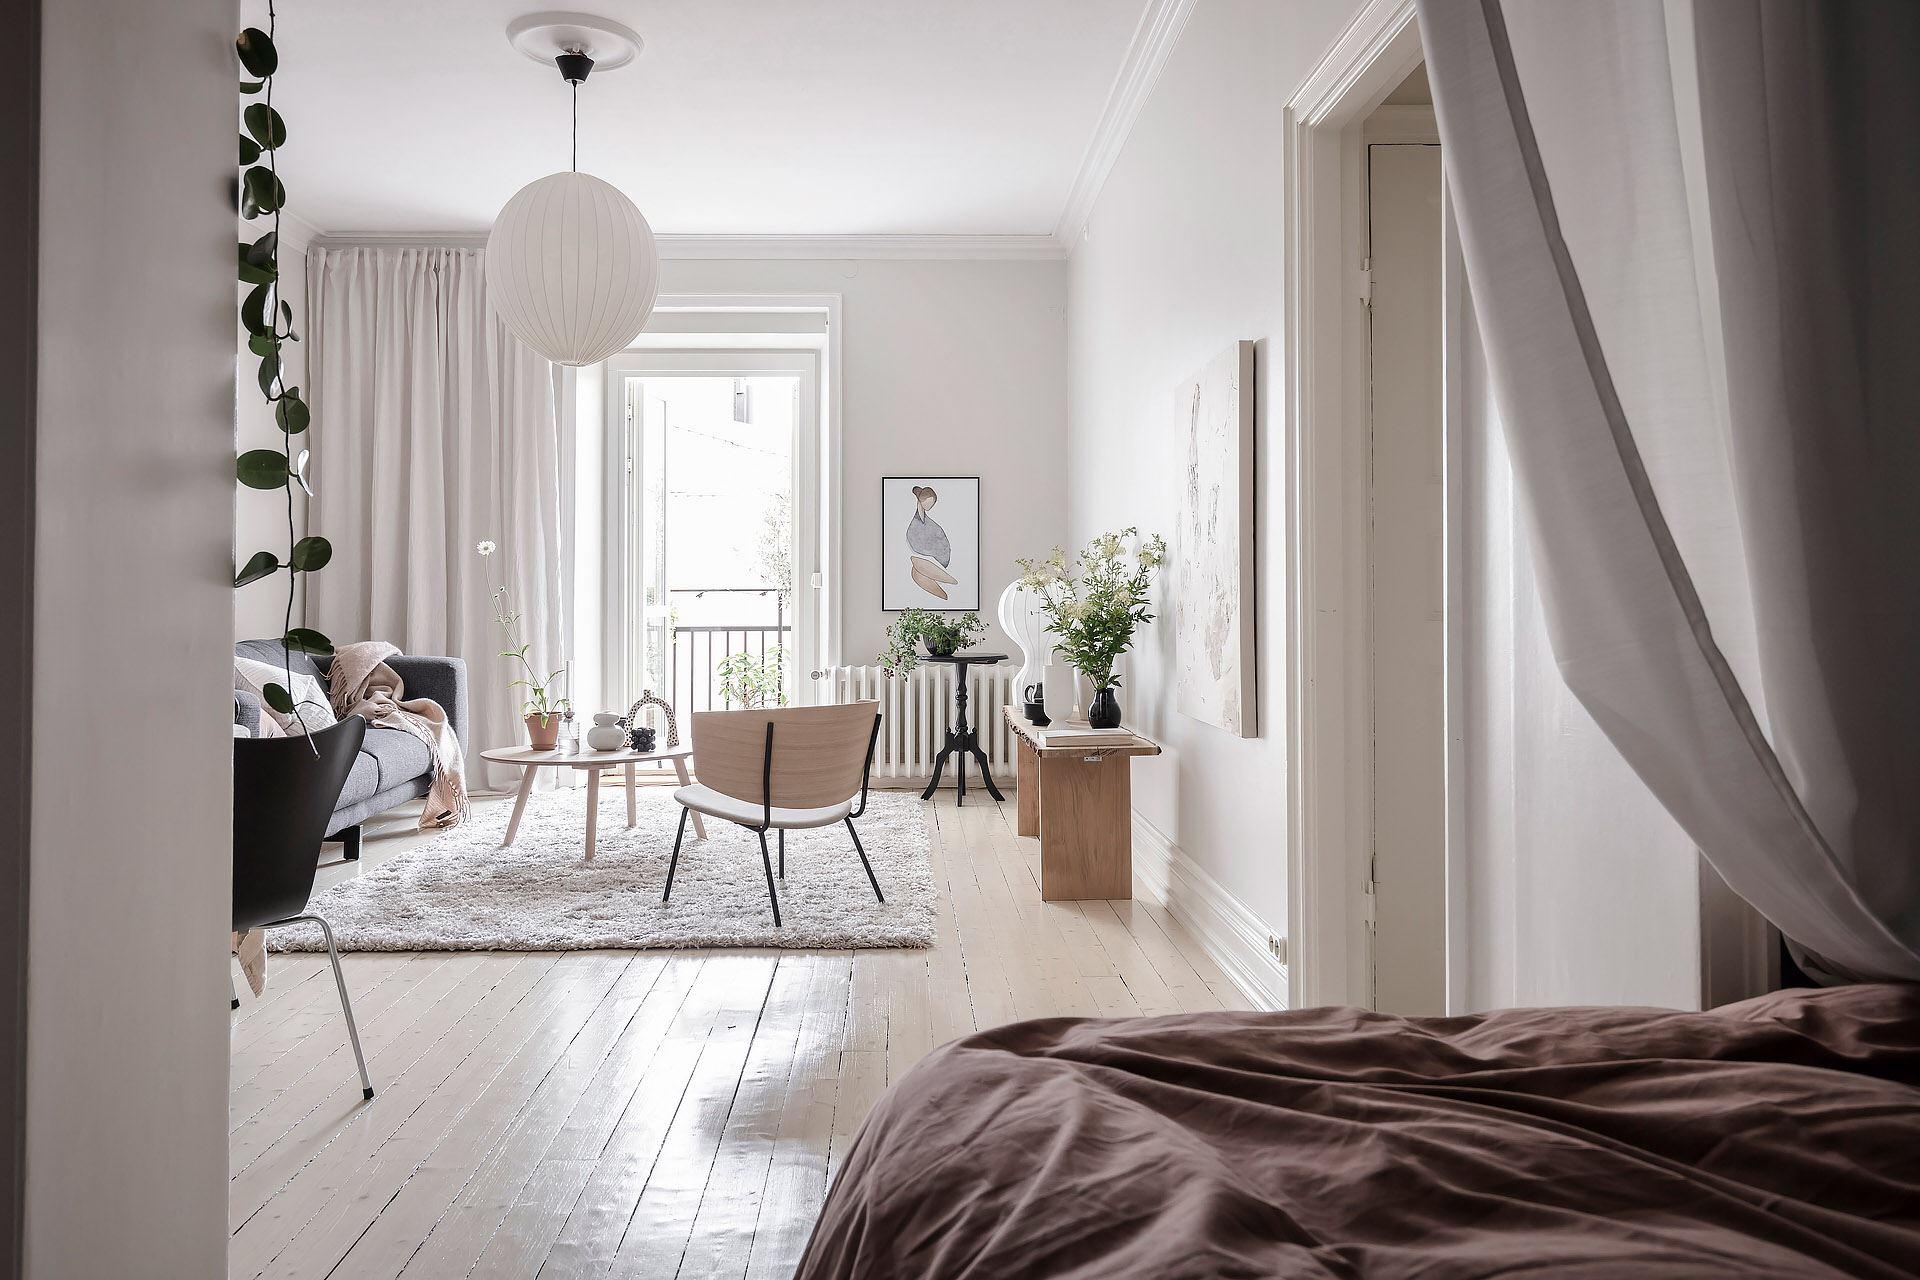 Cromatică relaxantă și decor scandinav într un apartament de 50 m² 17